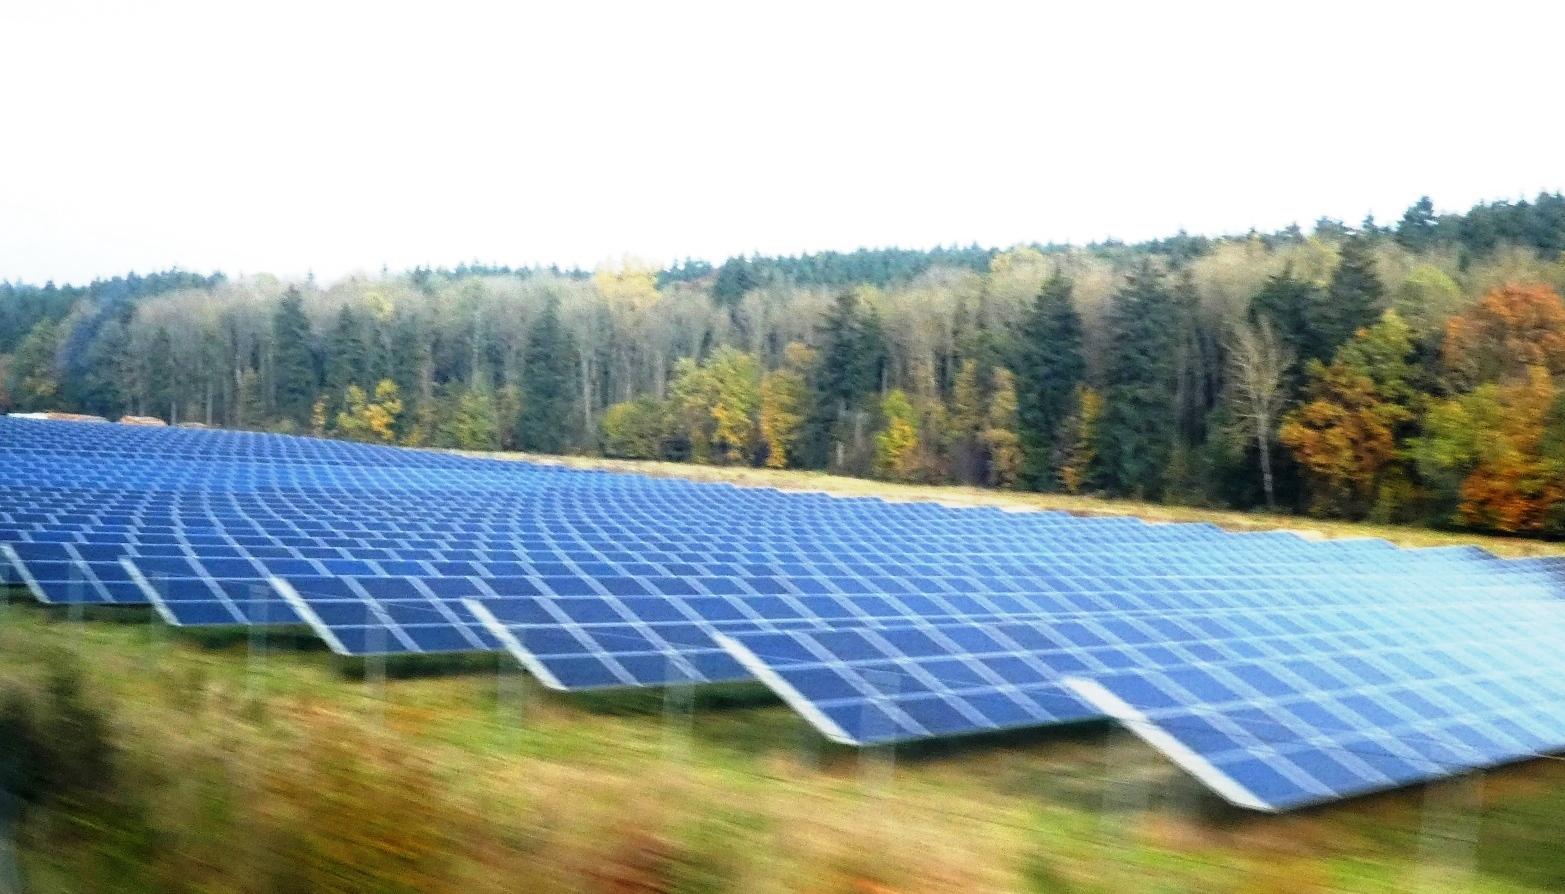 PV-Park bei Landshut - Foto © Gerhard Hofmann, Agentur Zukunft für Solarify